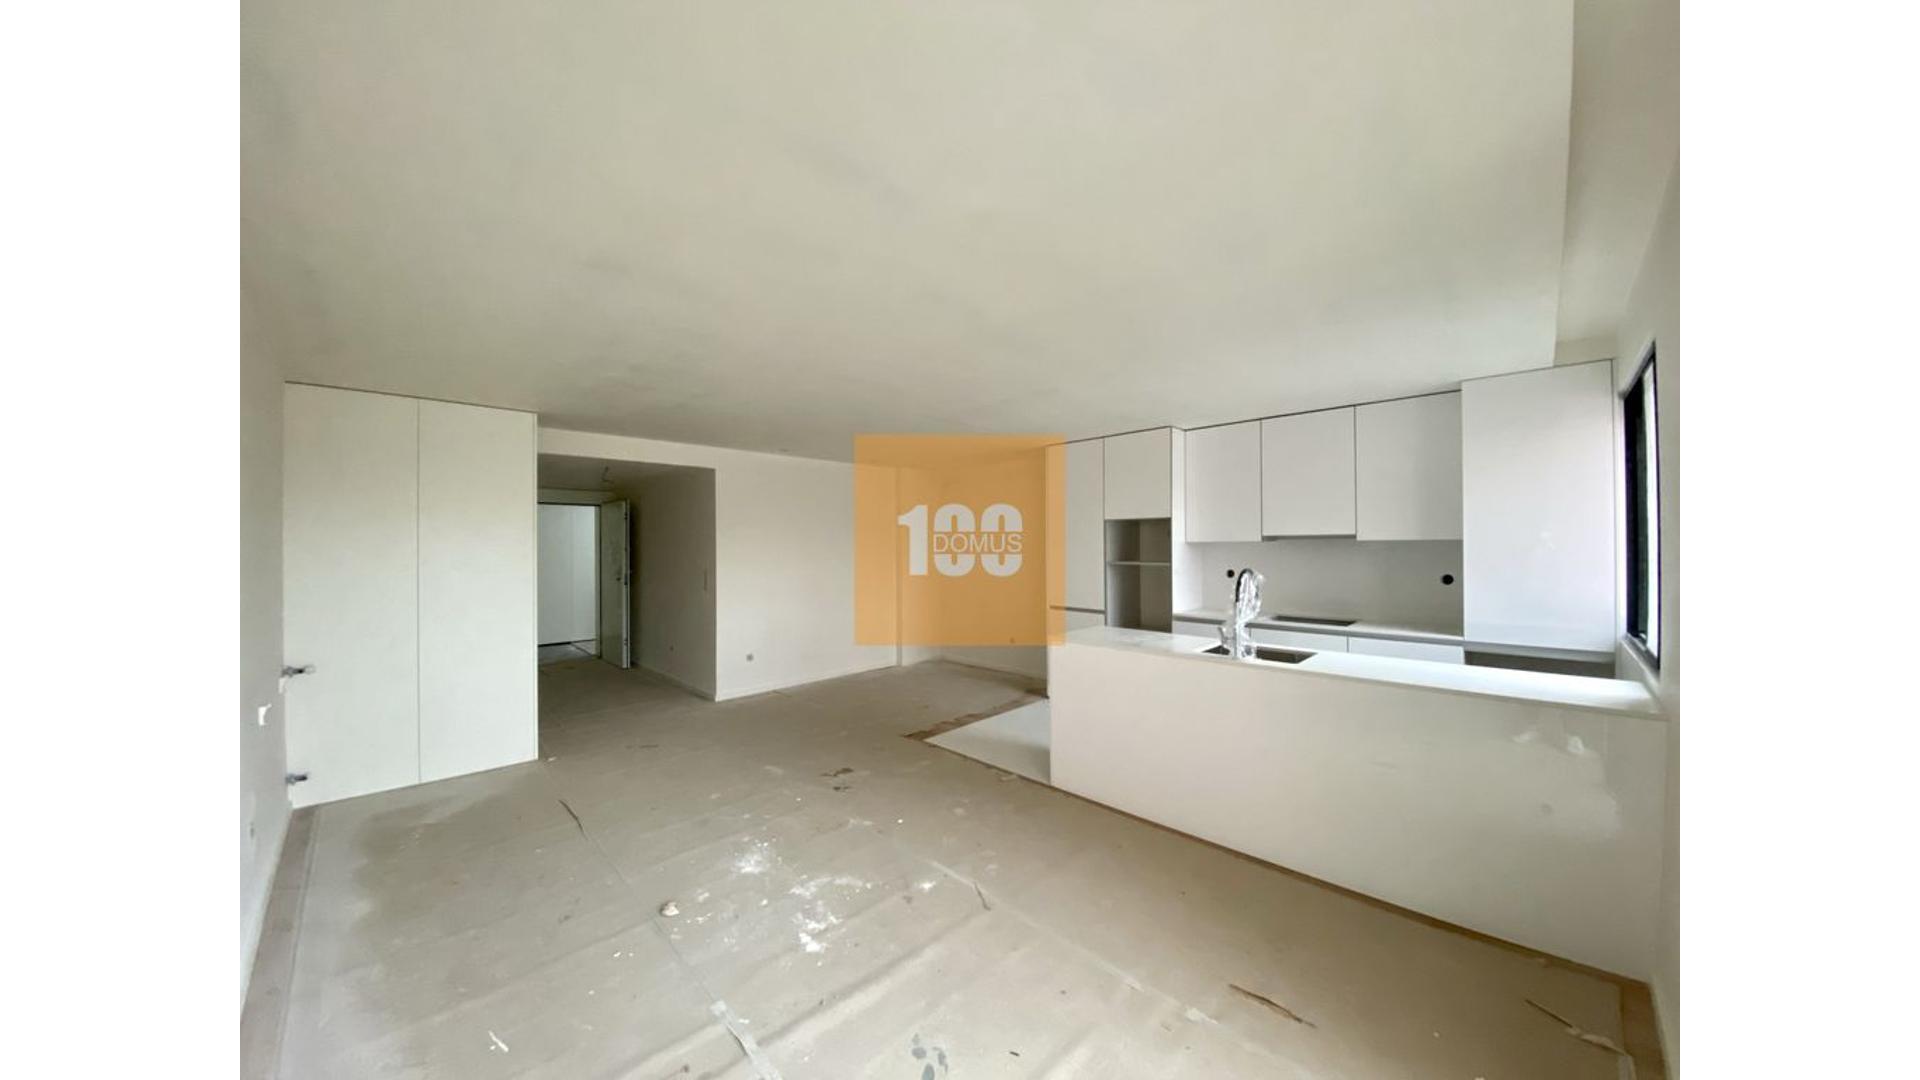 T1+1  novo c/ varanda e garagem  - Vila Nova De Gaia, UDF De Mafamude E Vilar Do Paraíso